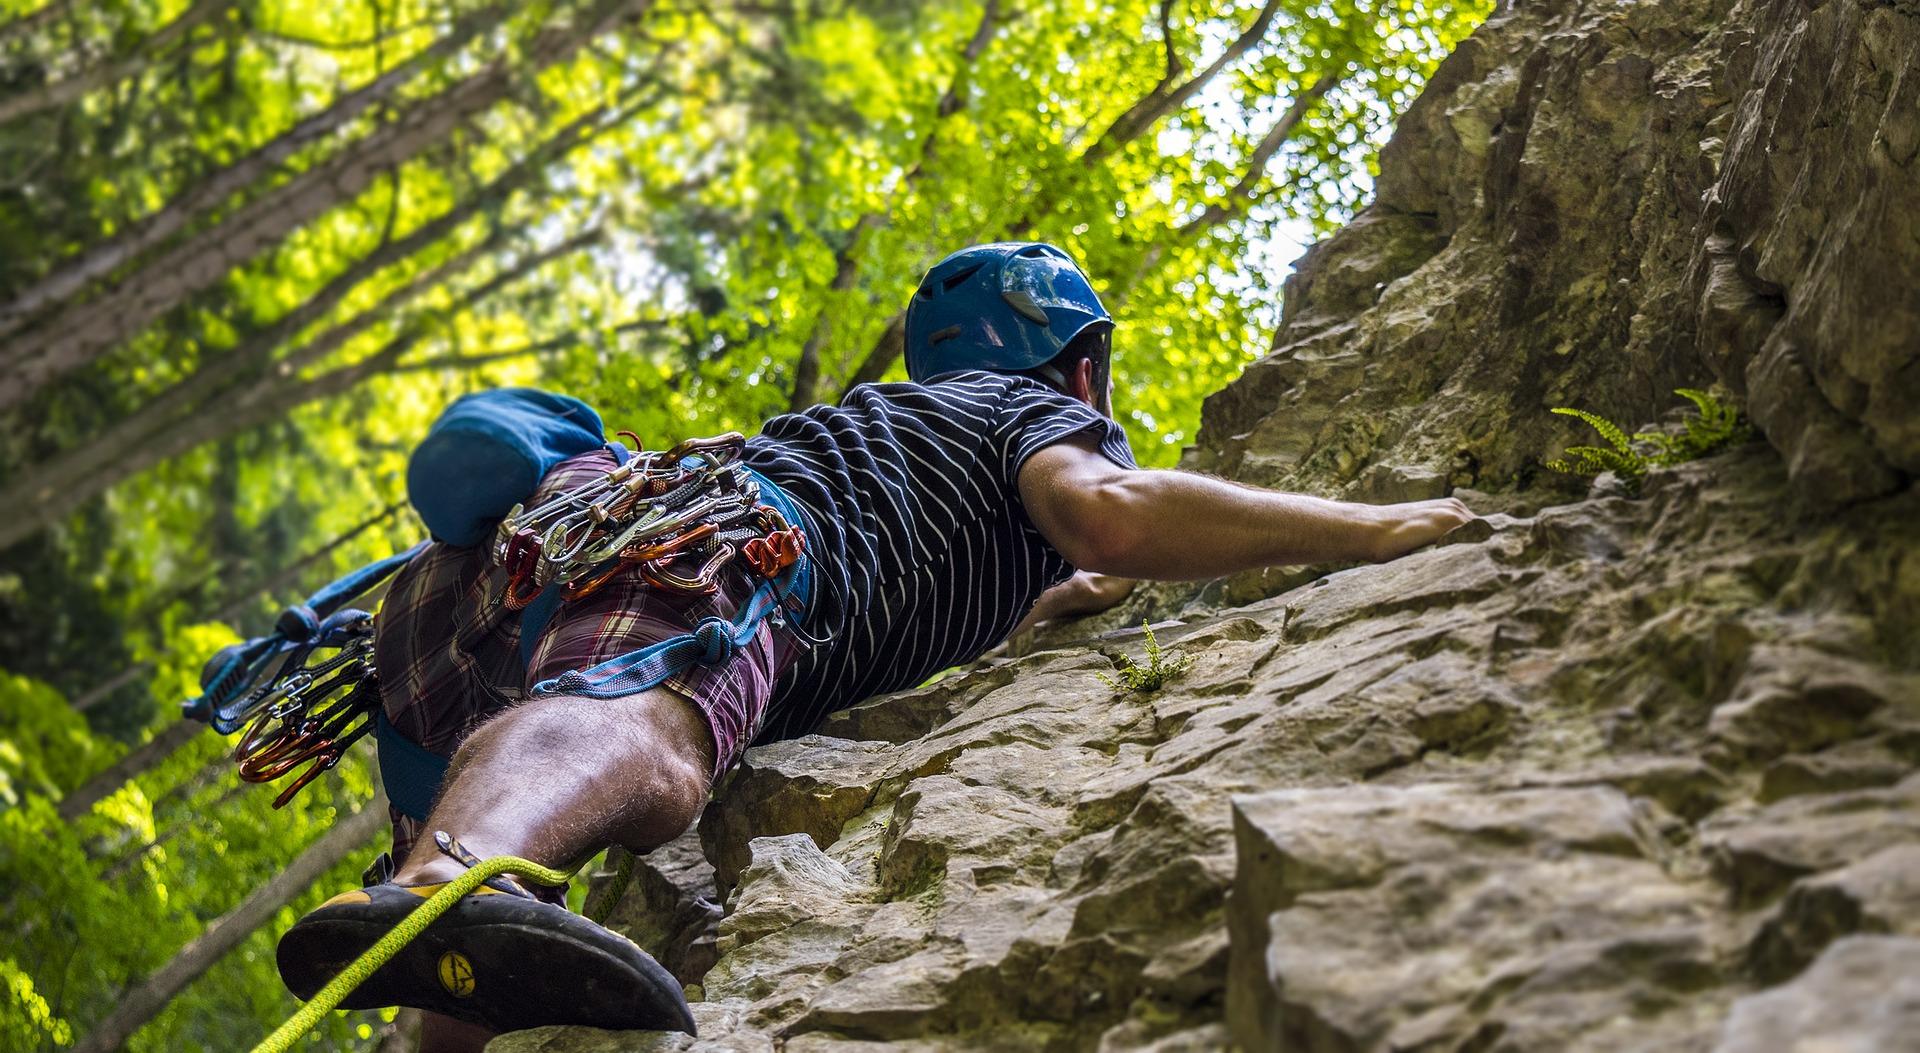 rock climbing woods pixabay